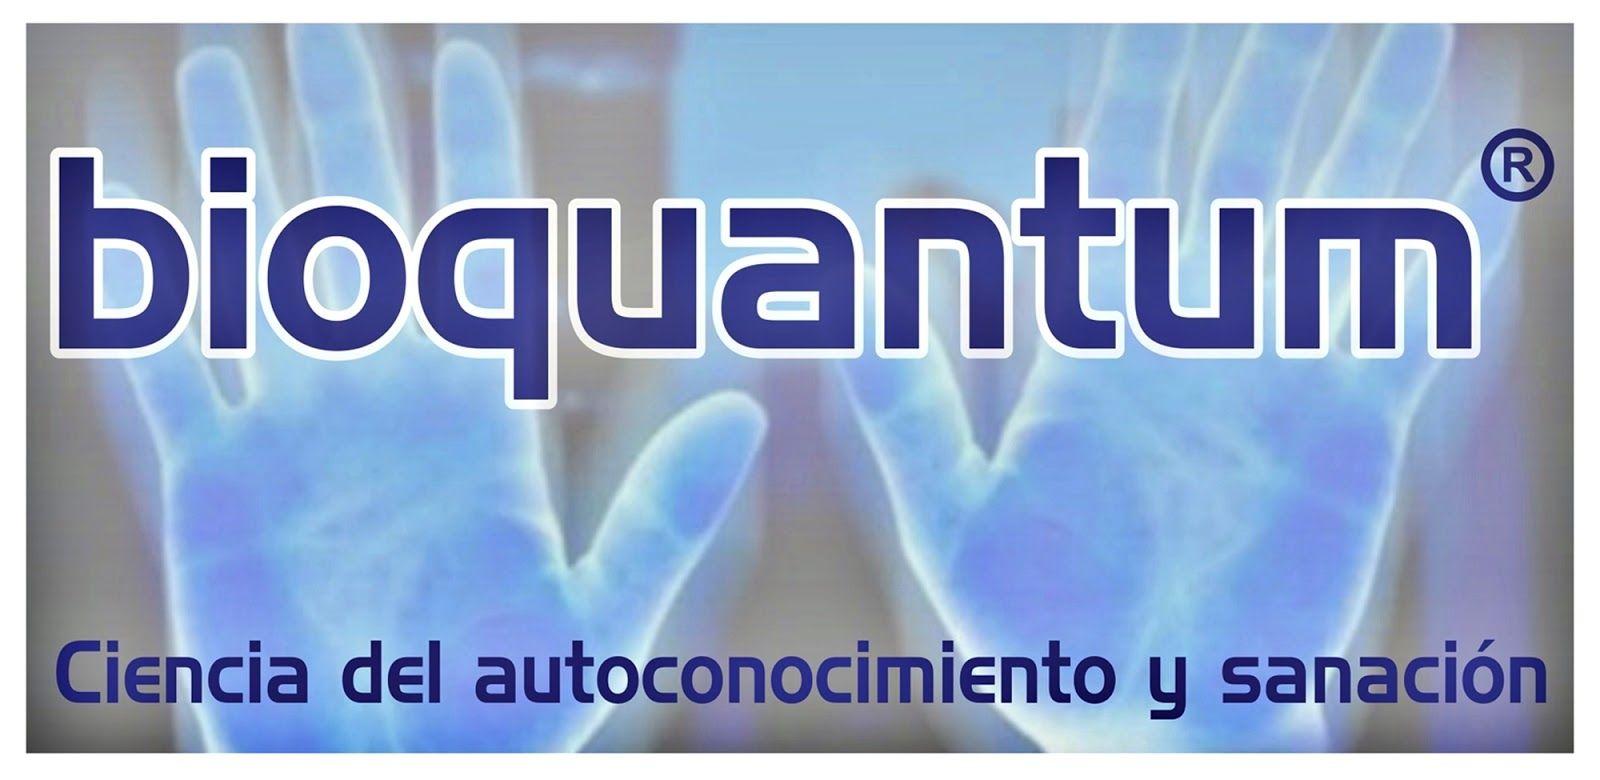 el libro de bioquantum